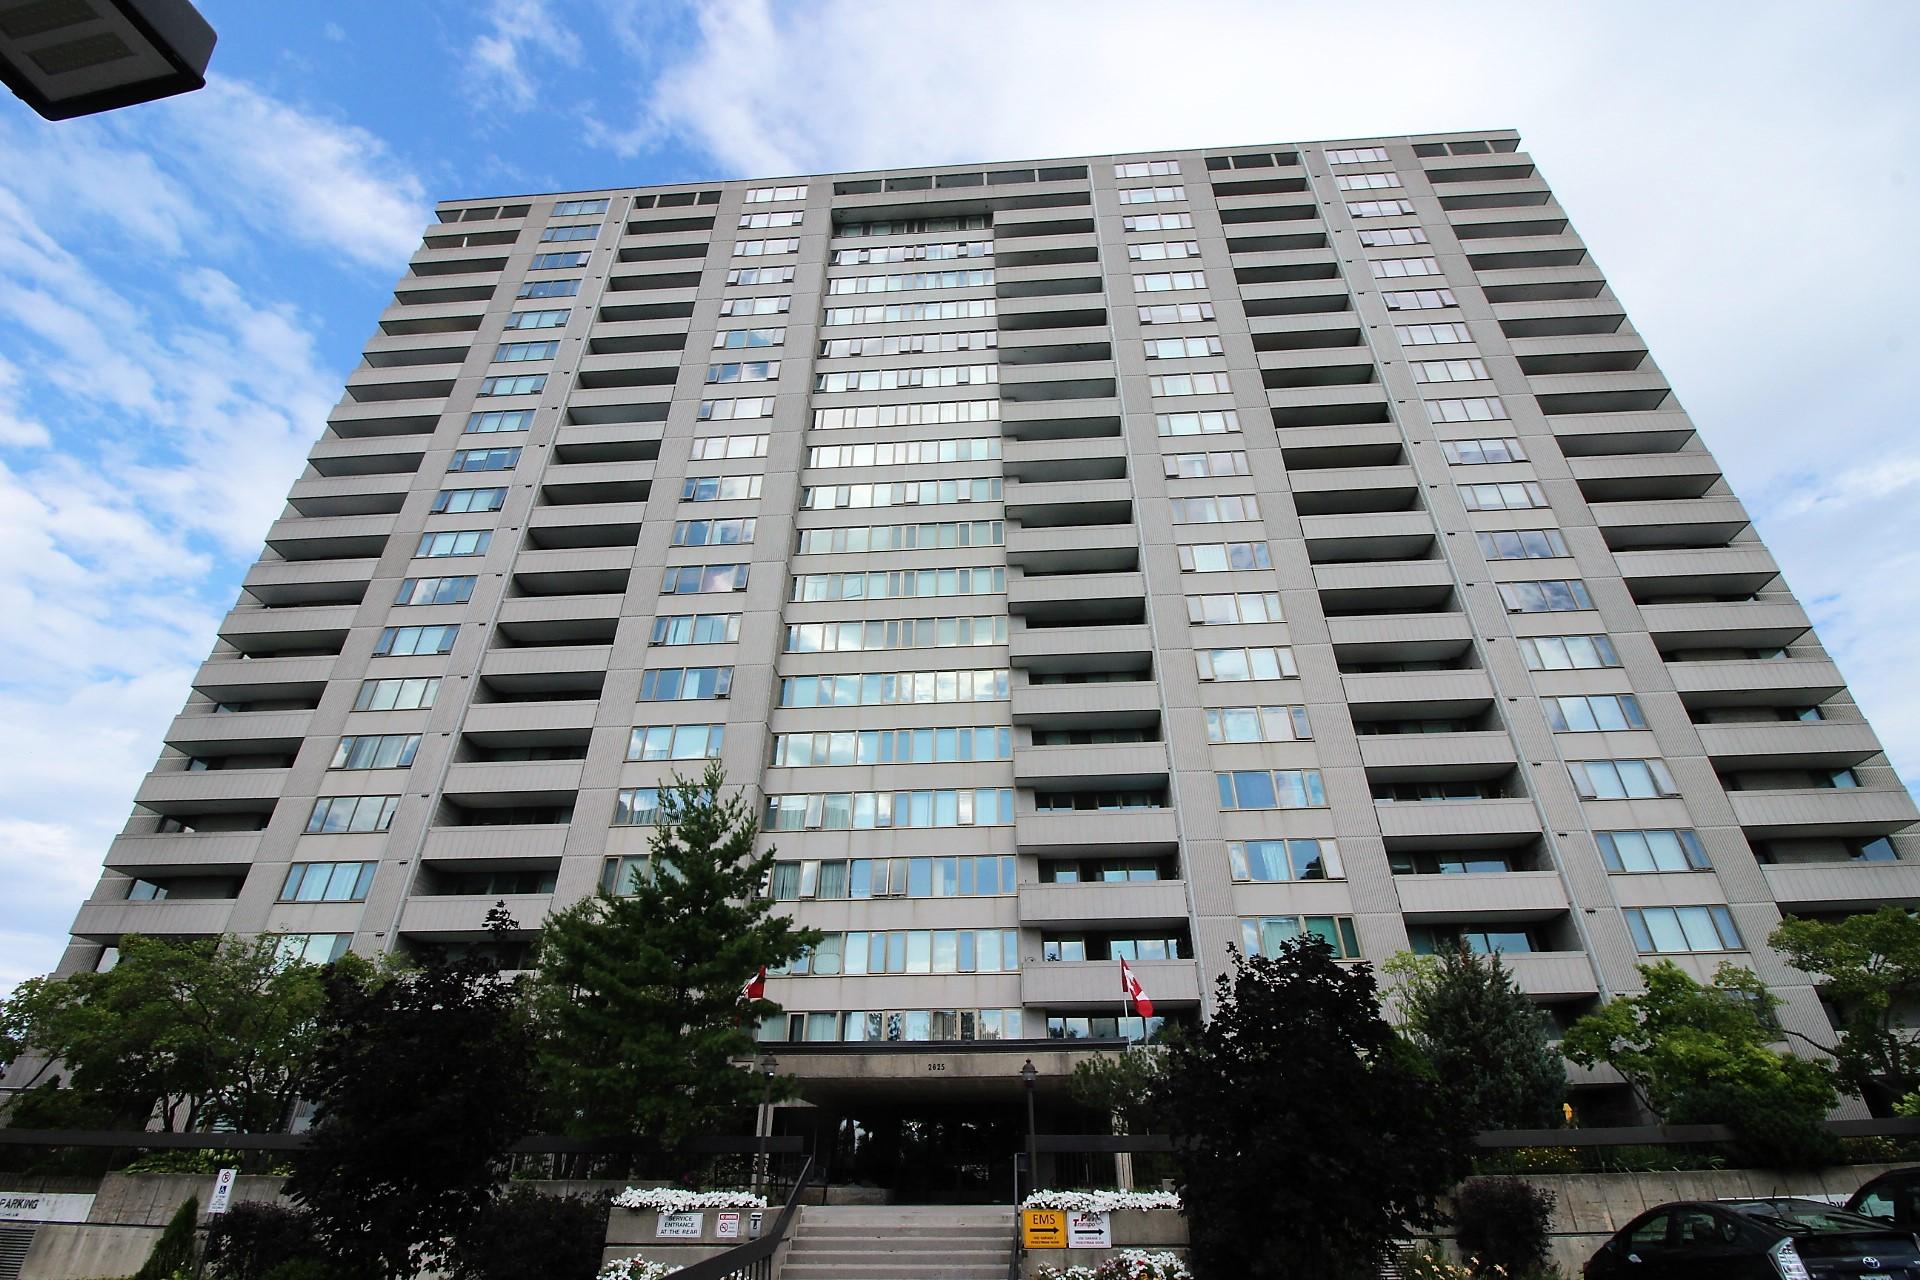 709-2625 Regina St - Renovated 2 Bedroom Condo Apartment in Britannia area!